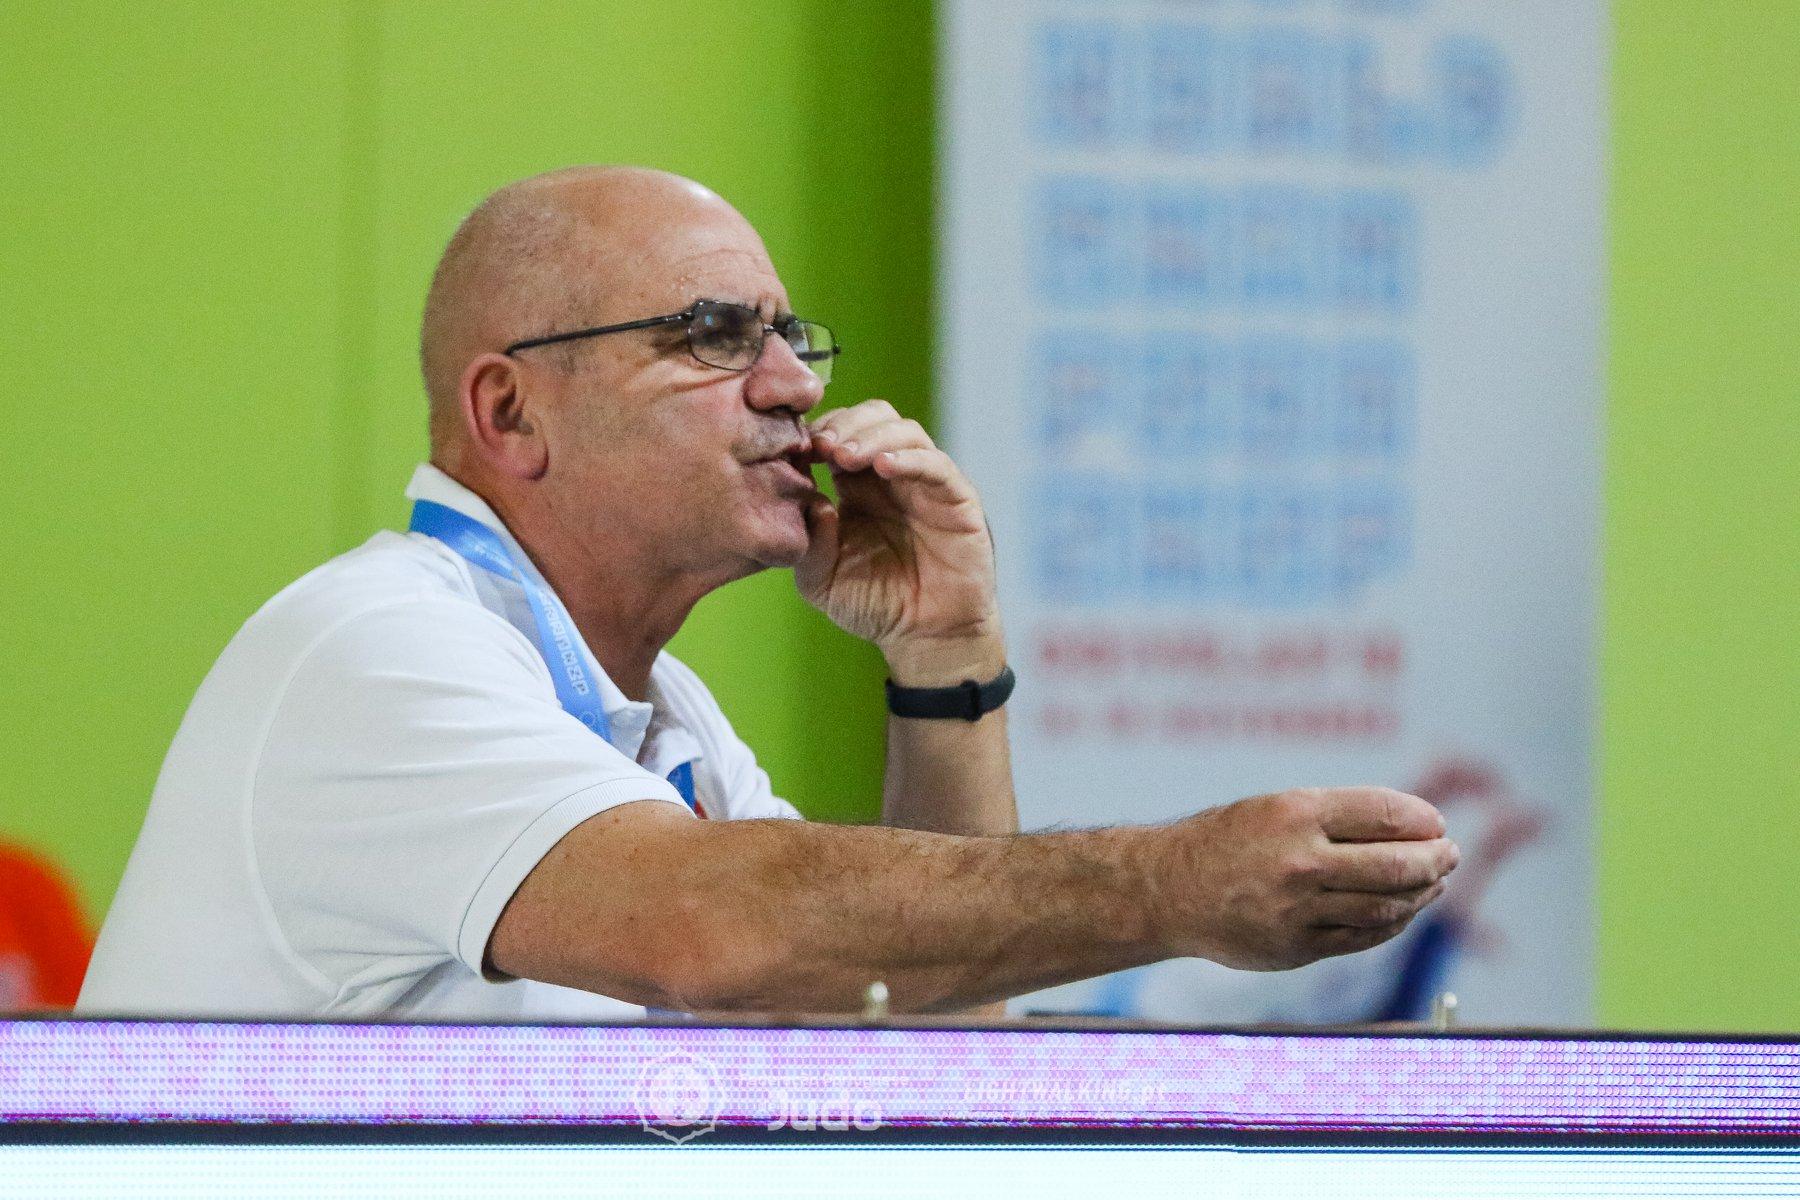 Campeonato do Mundo Paralímpico - Odivelas 2018 image 11